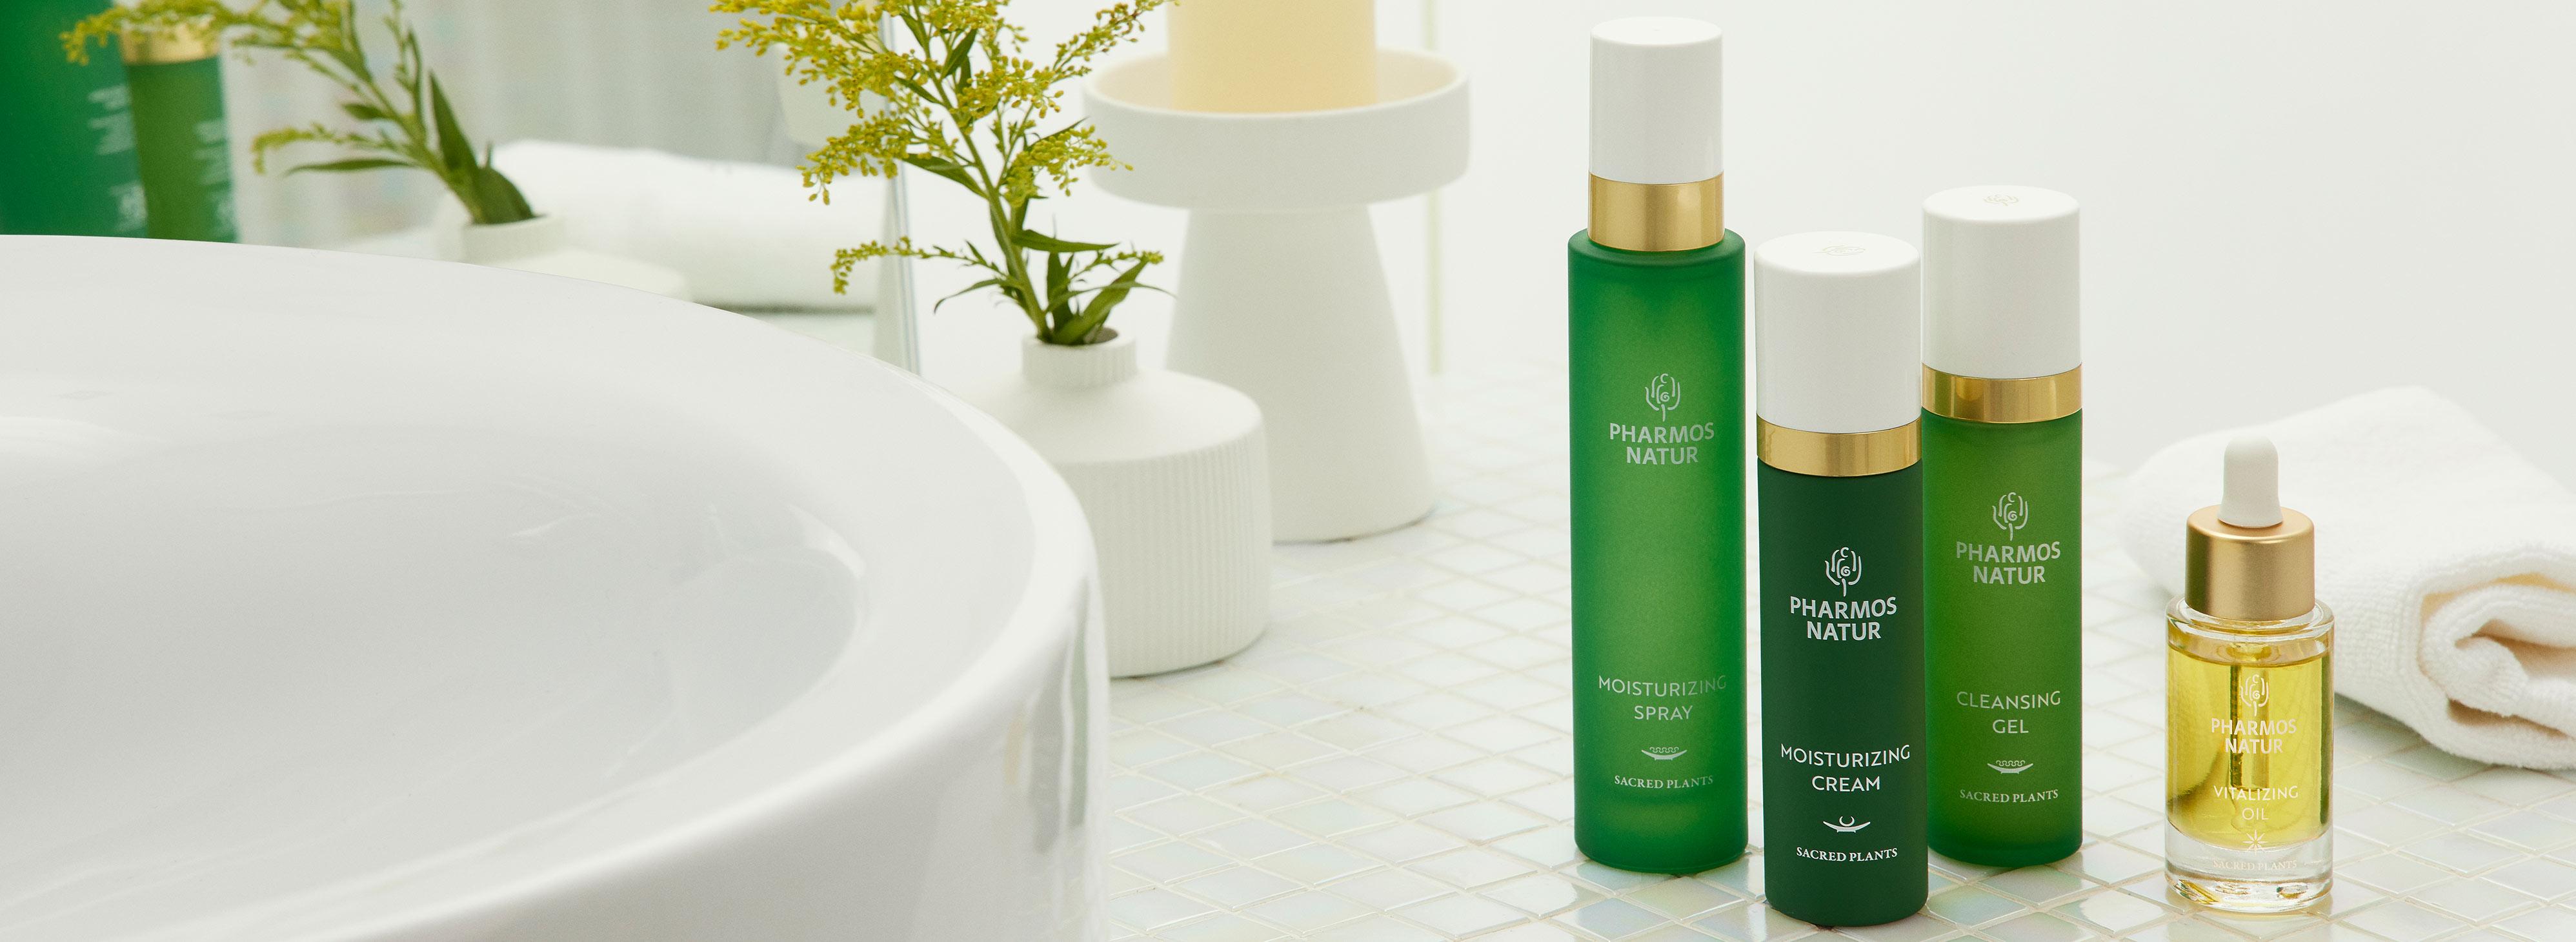 Pharmos Natur Produkte für den Hauttyp normale Haut